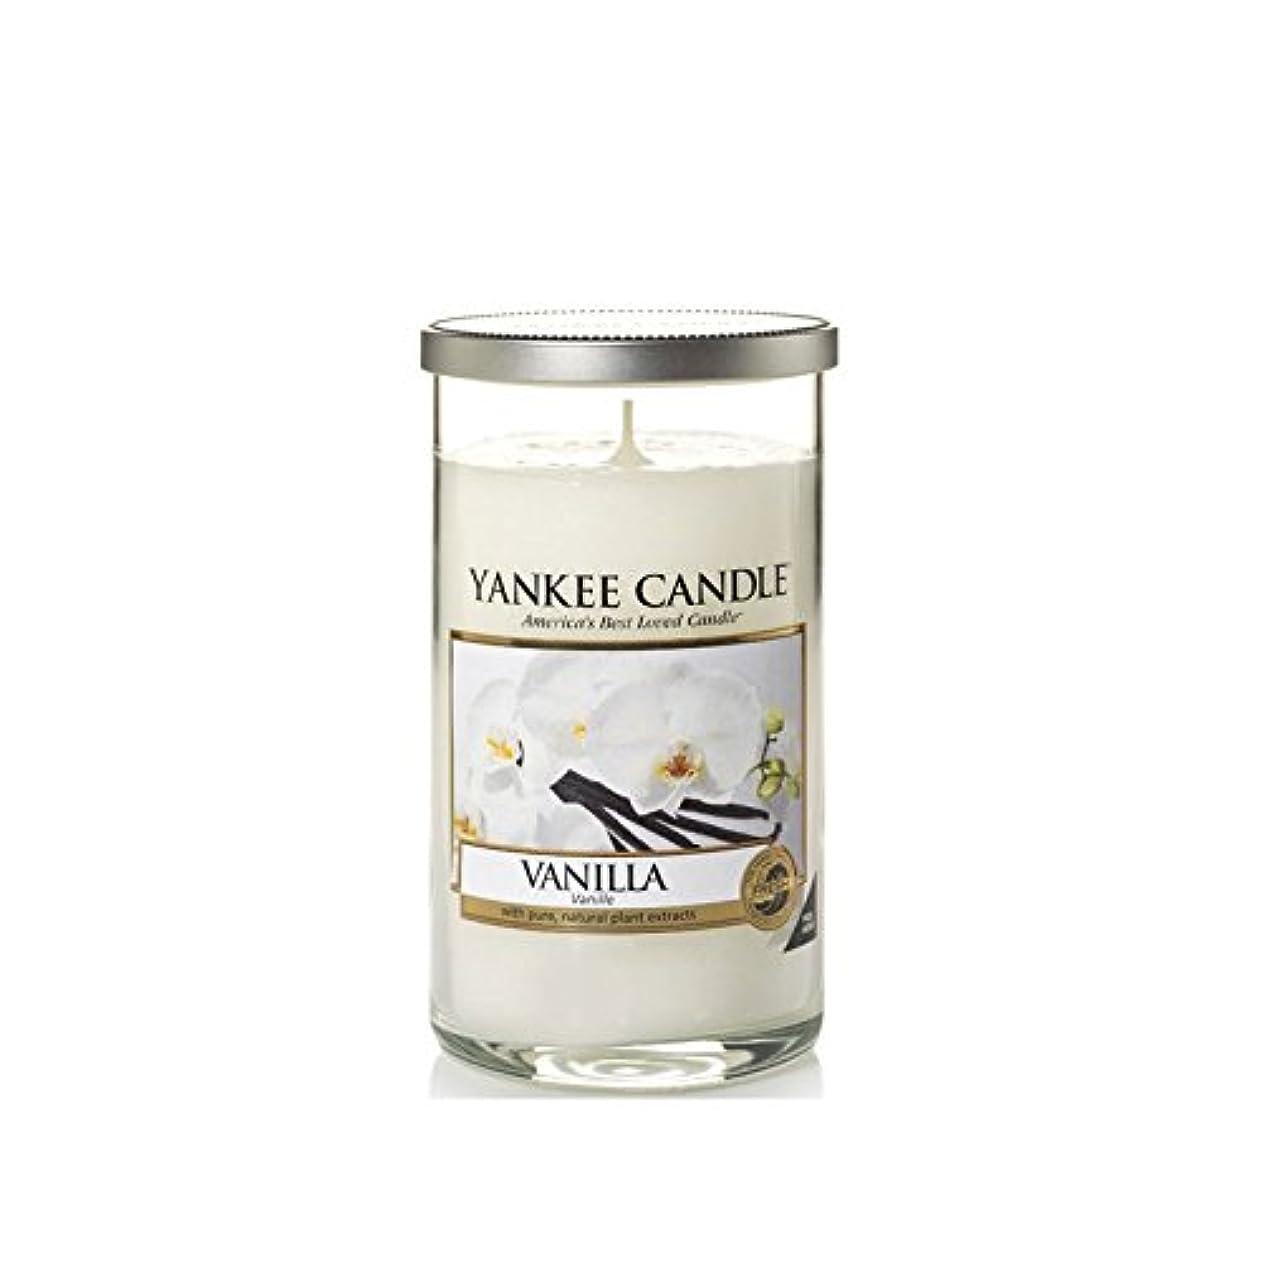 接続された聖歌ブラウスYankee Candles Medium Pillar Candle - Vanilla (Pack of 6) - ヤンキーキャンドルメディアピラーキャンドル - バニラ (x6) [並行輸入品]